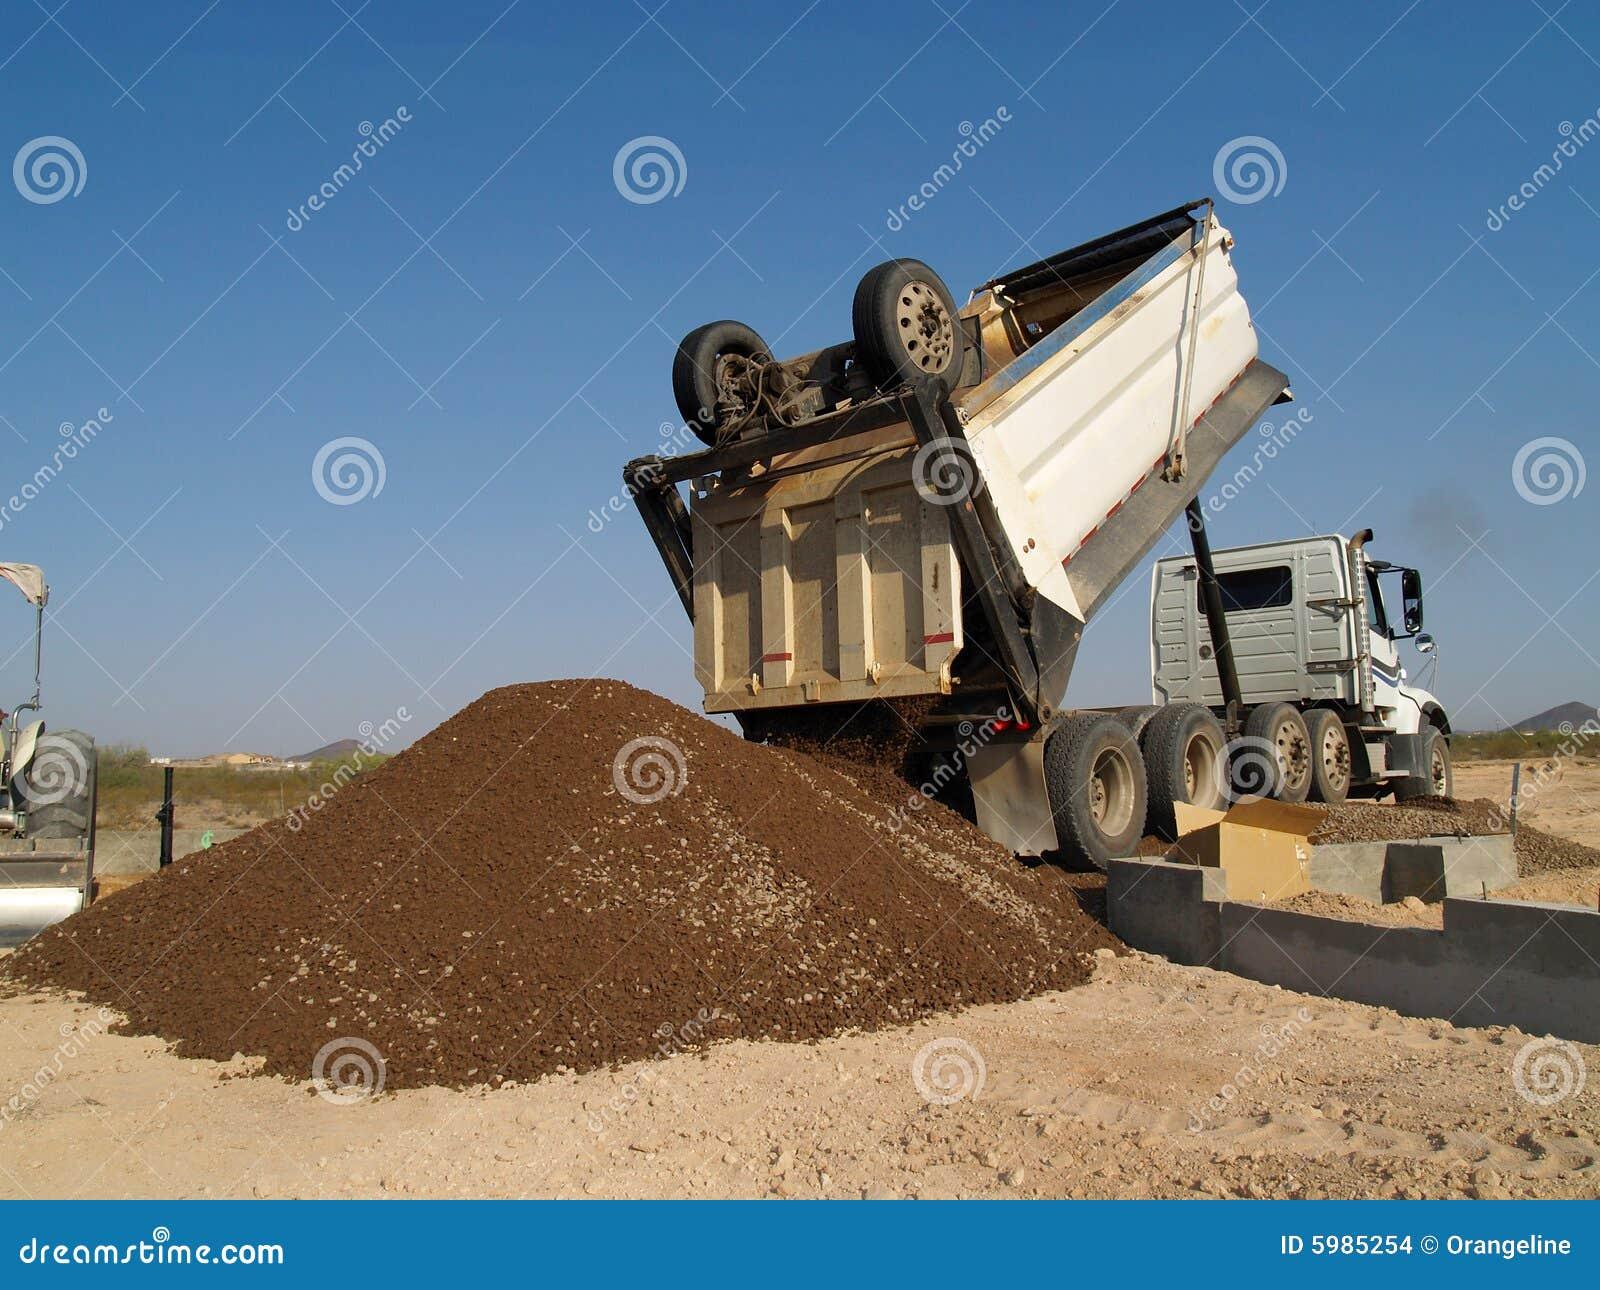 dump truck backed up dumping dirt stock images image 5985254. Black Bedroom Furniture Sets. Home Design Ideas